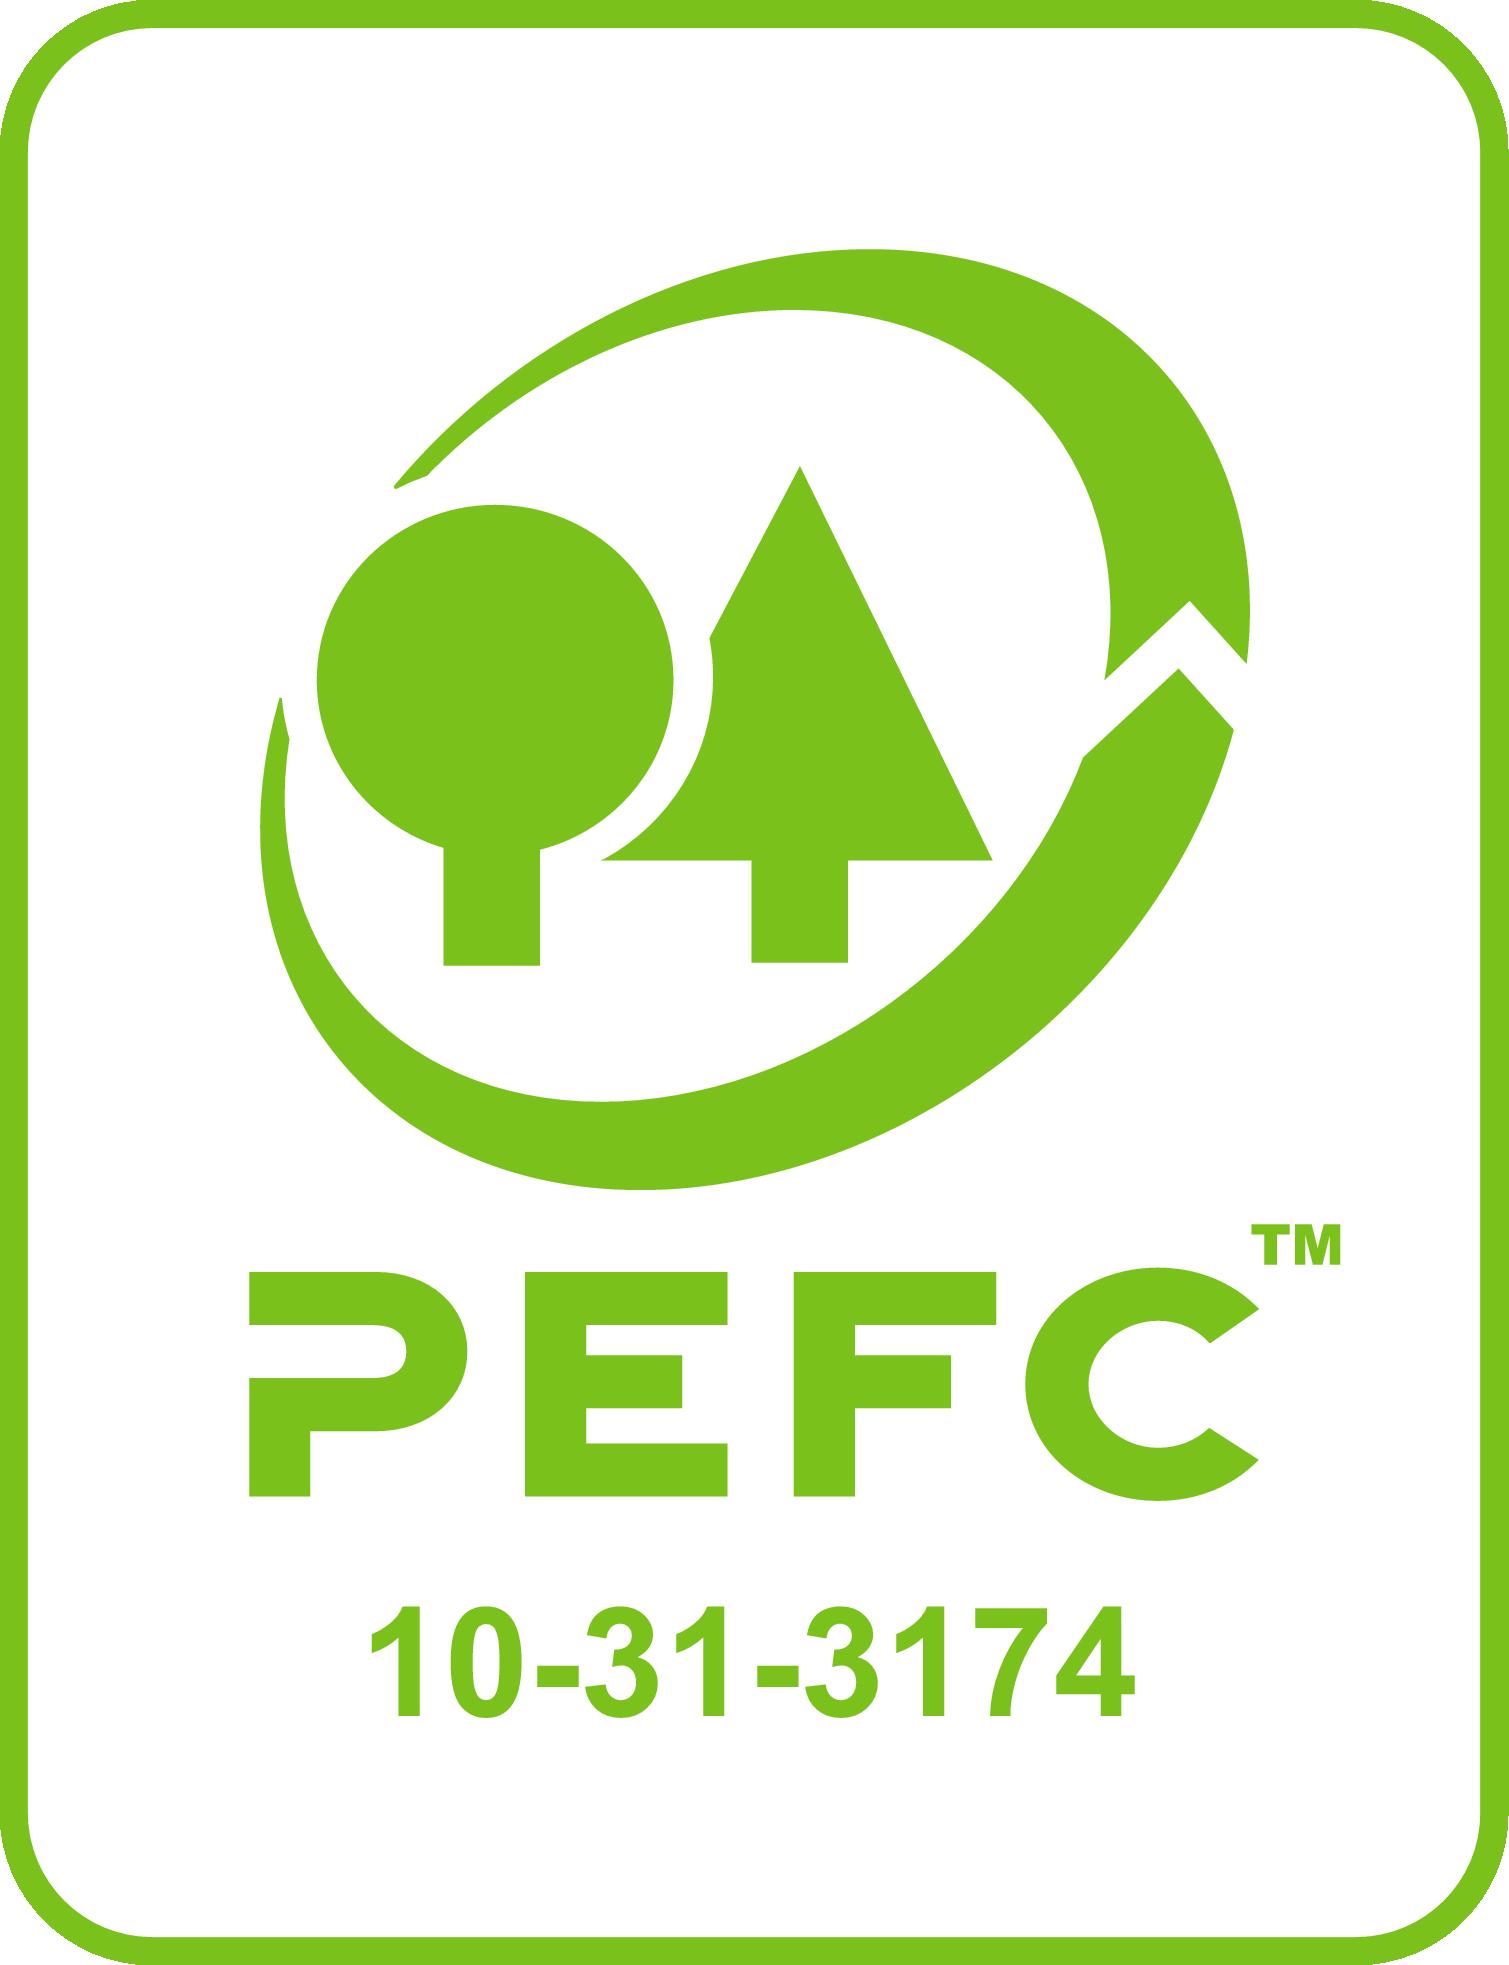 La certification PEFC d'Extébois depuis 2016